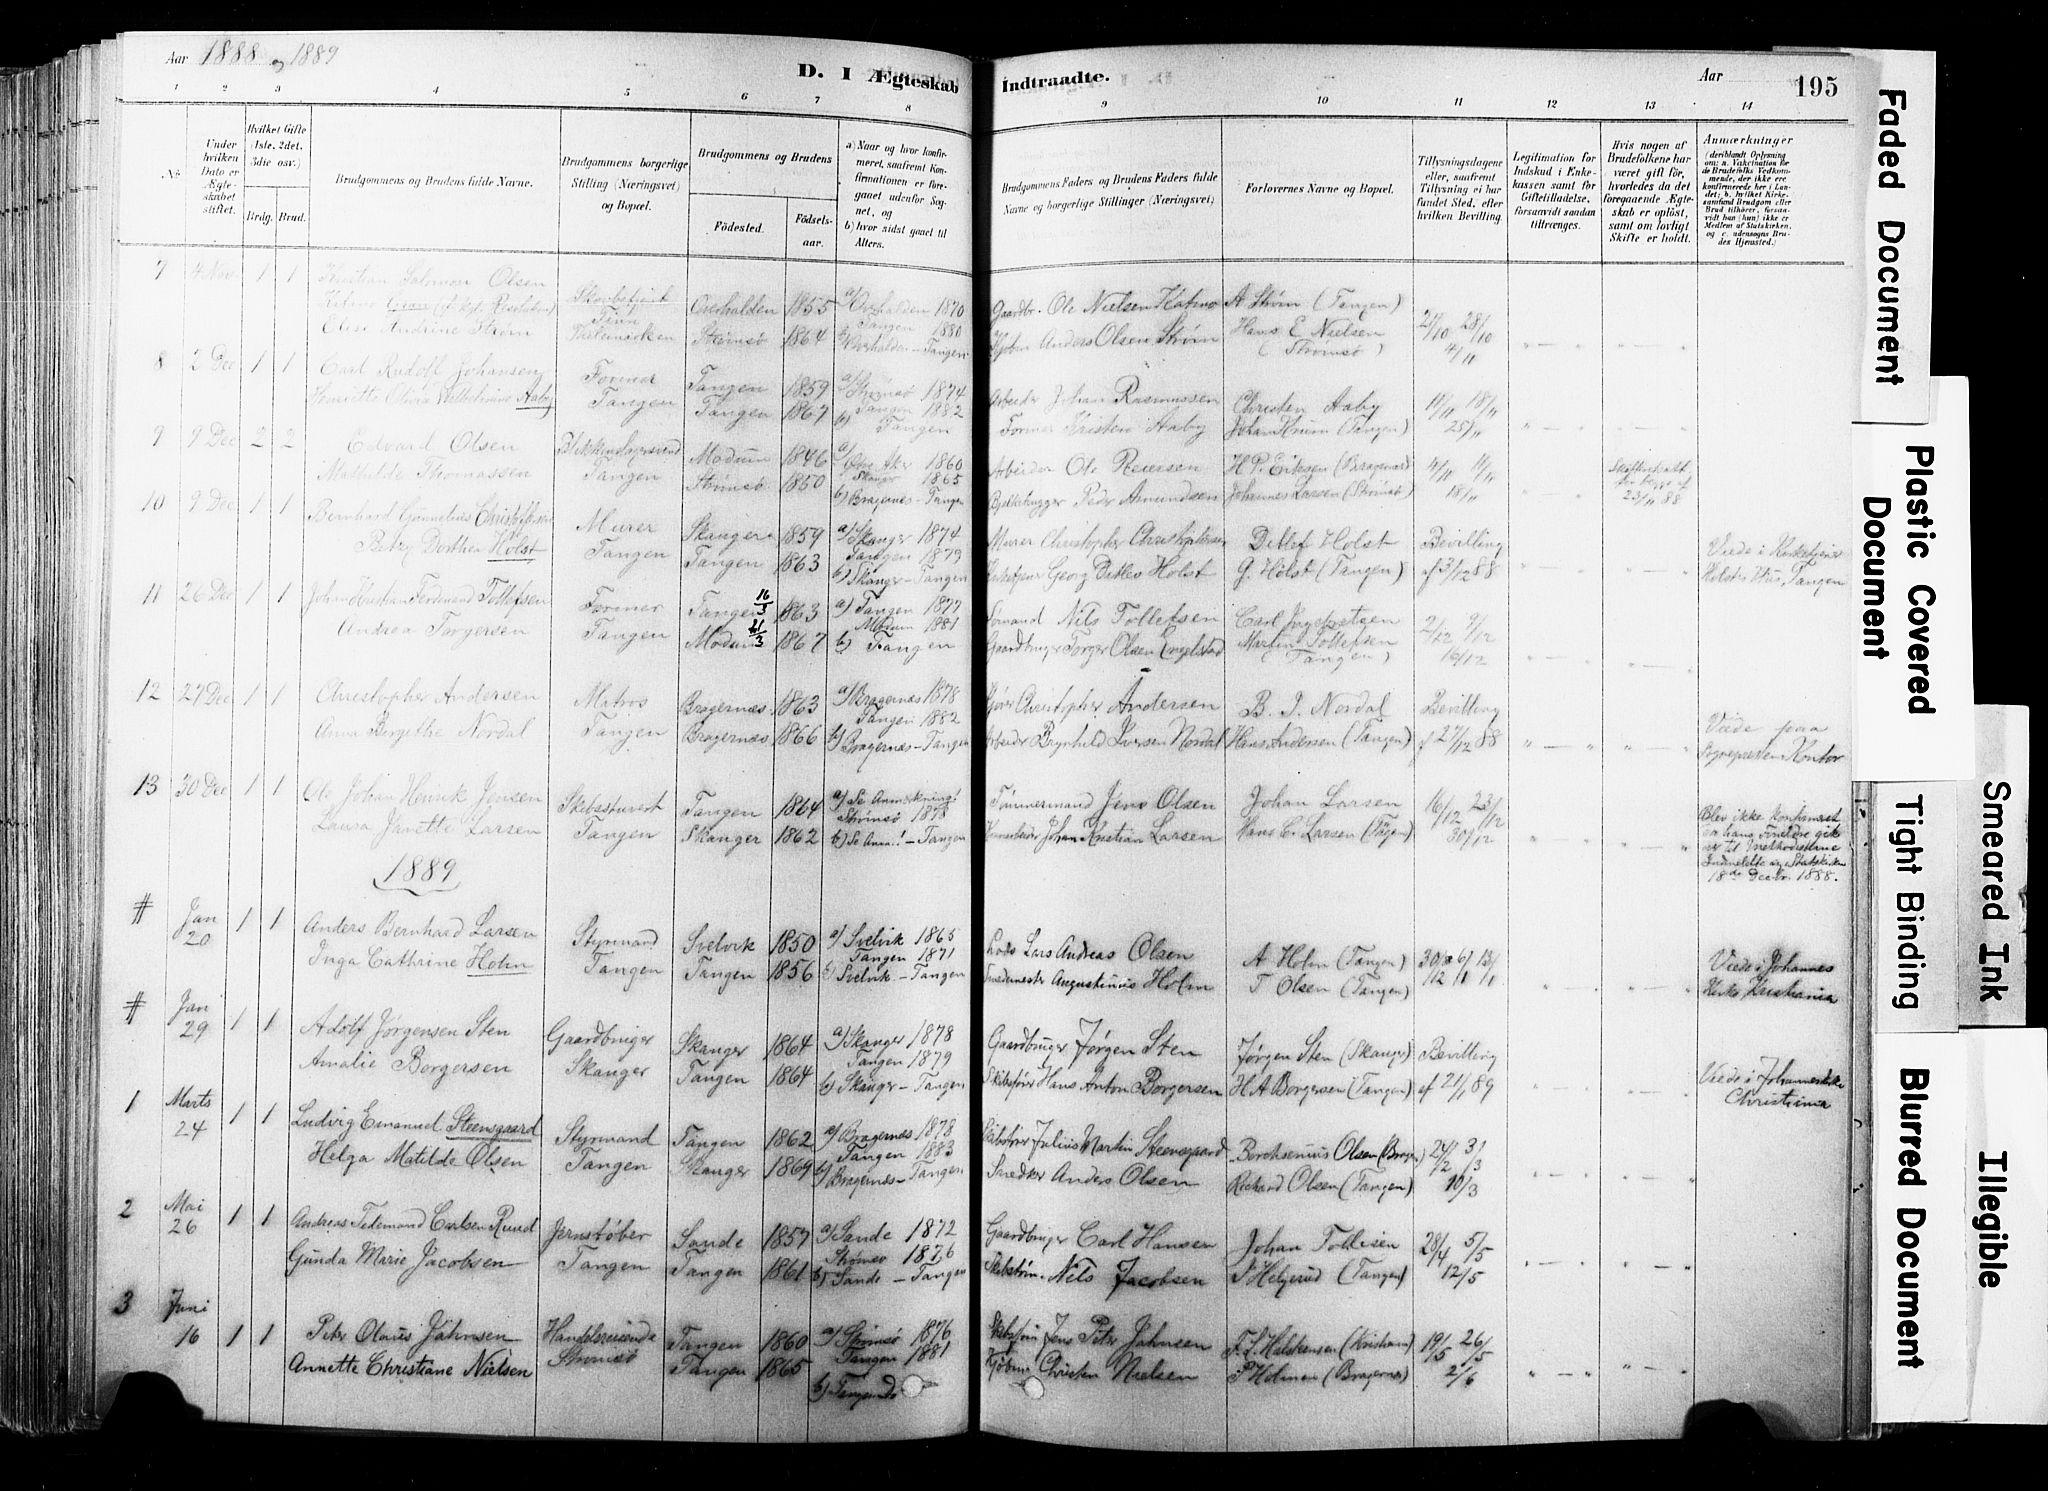 SAKO, Strømsø kirkebøker, F/Fb/L0006: Ministerialbok nr. II 6, 1879-1910, s. 195